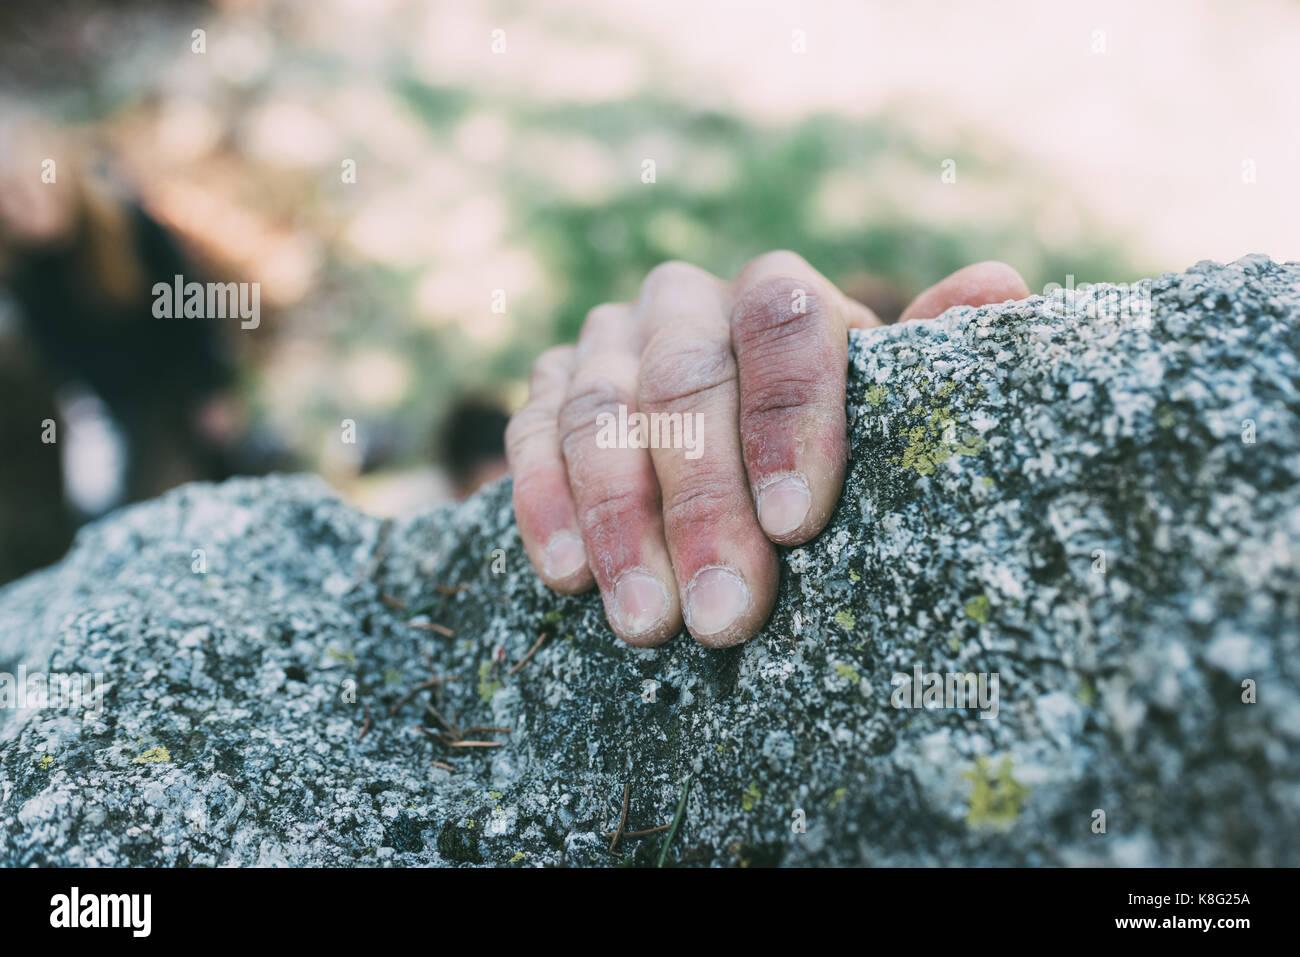 Mano de macho boulderer agarre el borde de Boulder, Lombardía, Italia Imagen De Stock